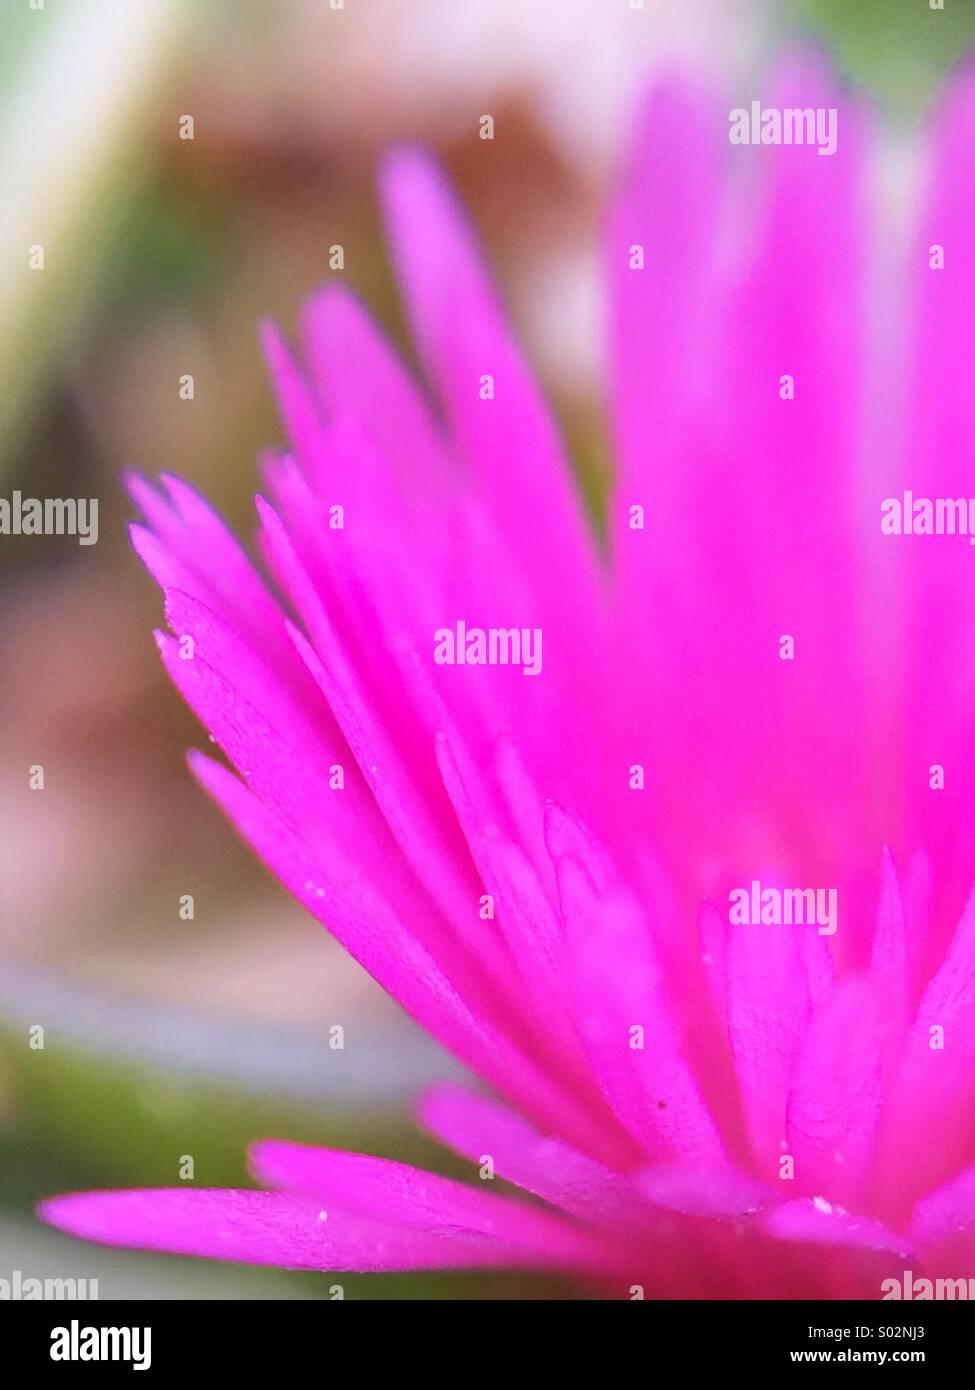 Makro-Ansicht einer rosa Blume mit mehreren Blütenblättern. Stockbild